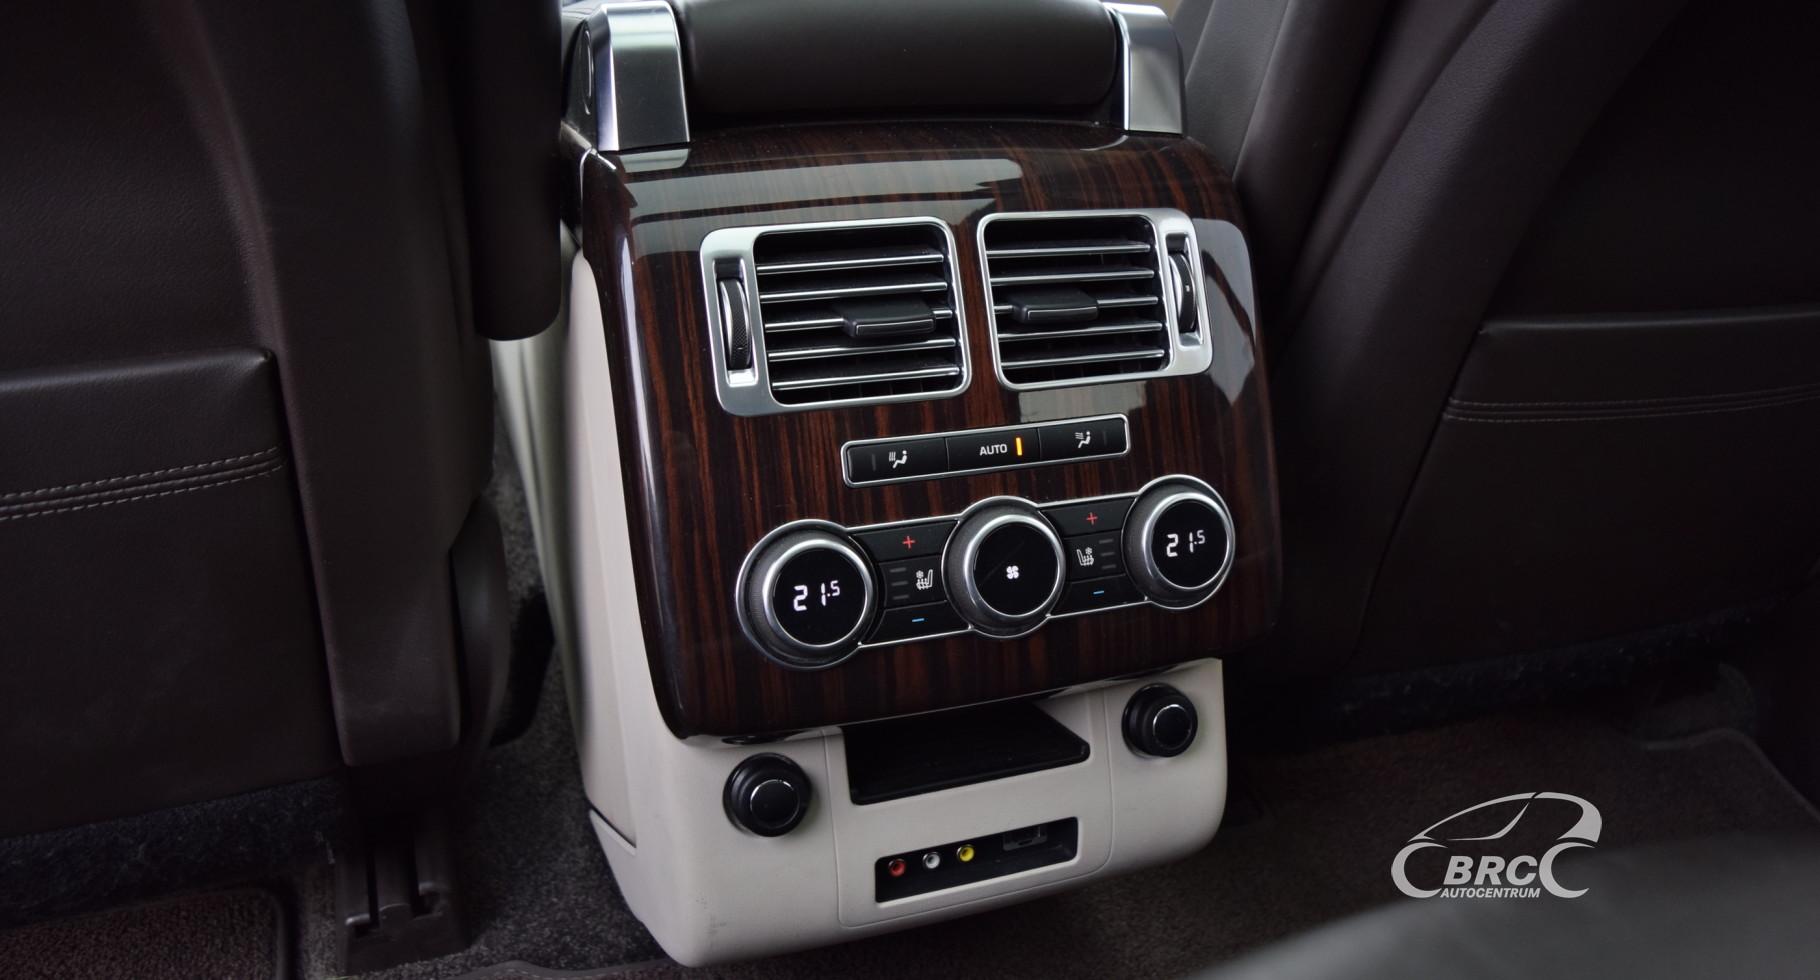 Land-Rover Range Rover Vogue SDV8